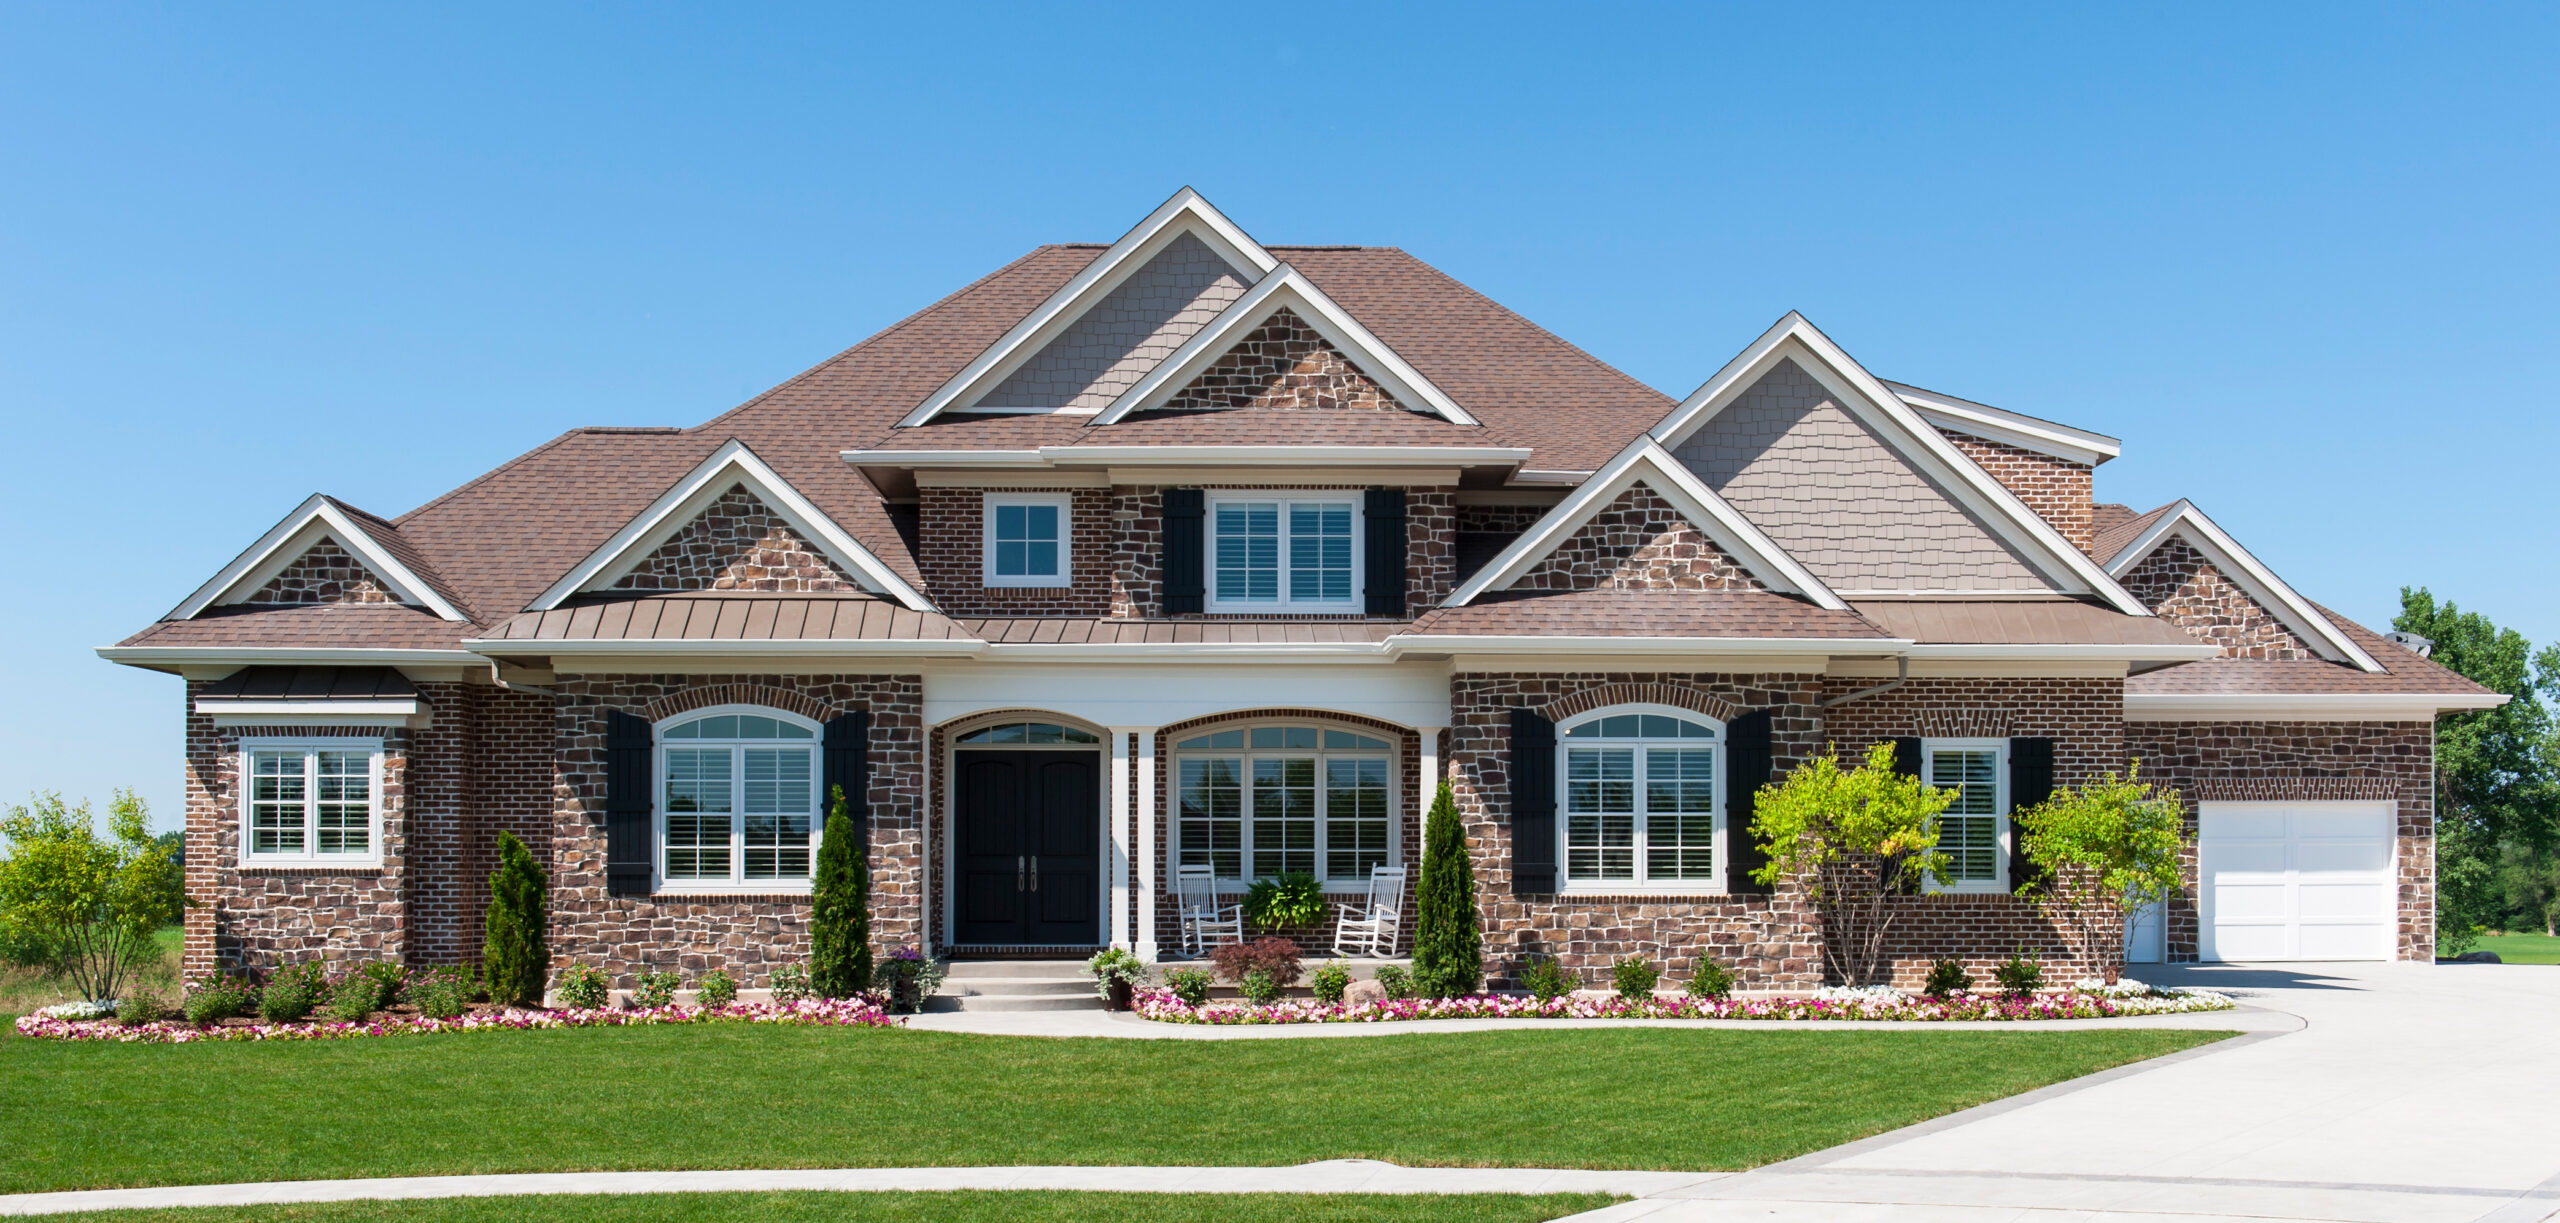 Roofing Repair & Deck Builders Madison WI